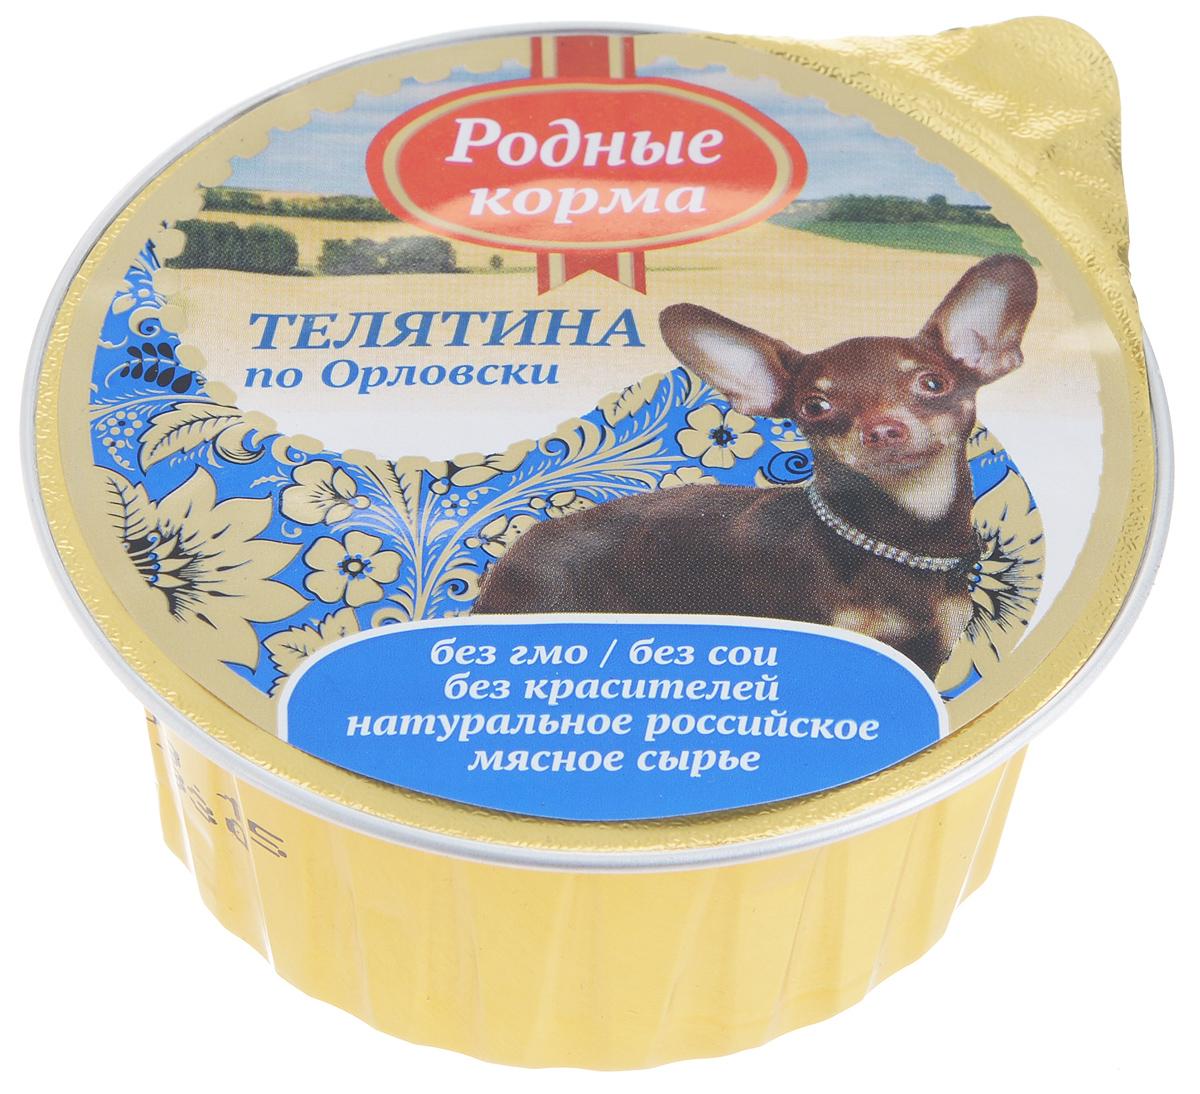 Консервы для собак Родные корма Телятина по-орловски, 125 г корм родные корма индейка по строгановски 125г для собак 60237